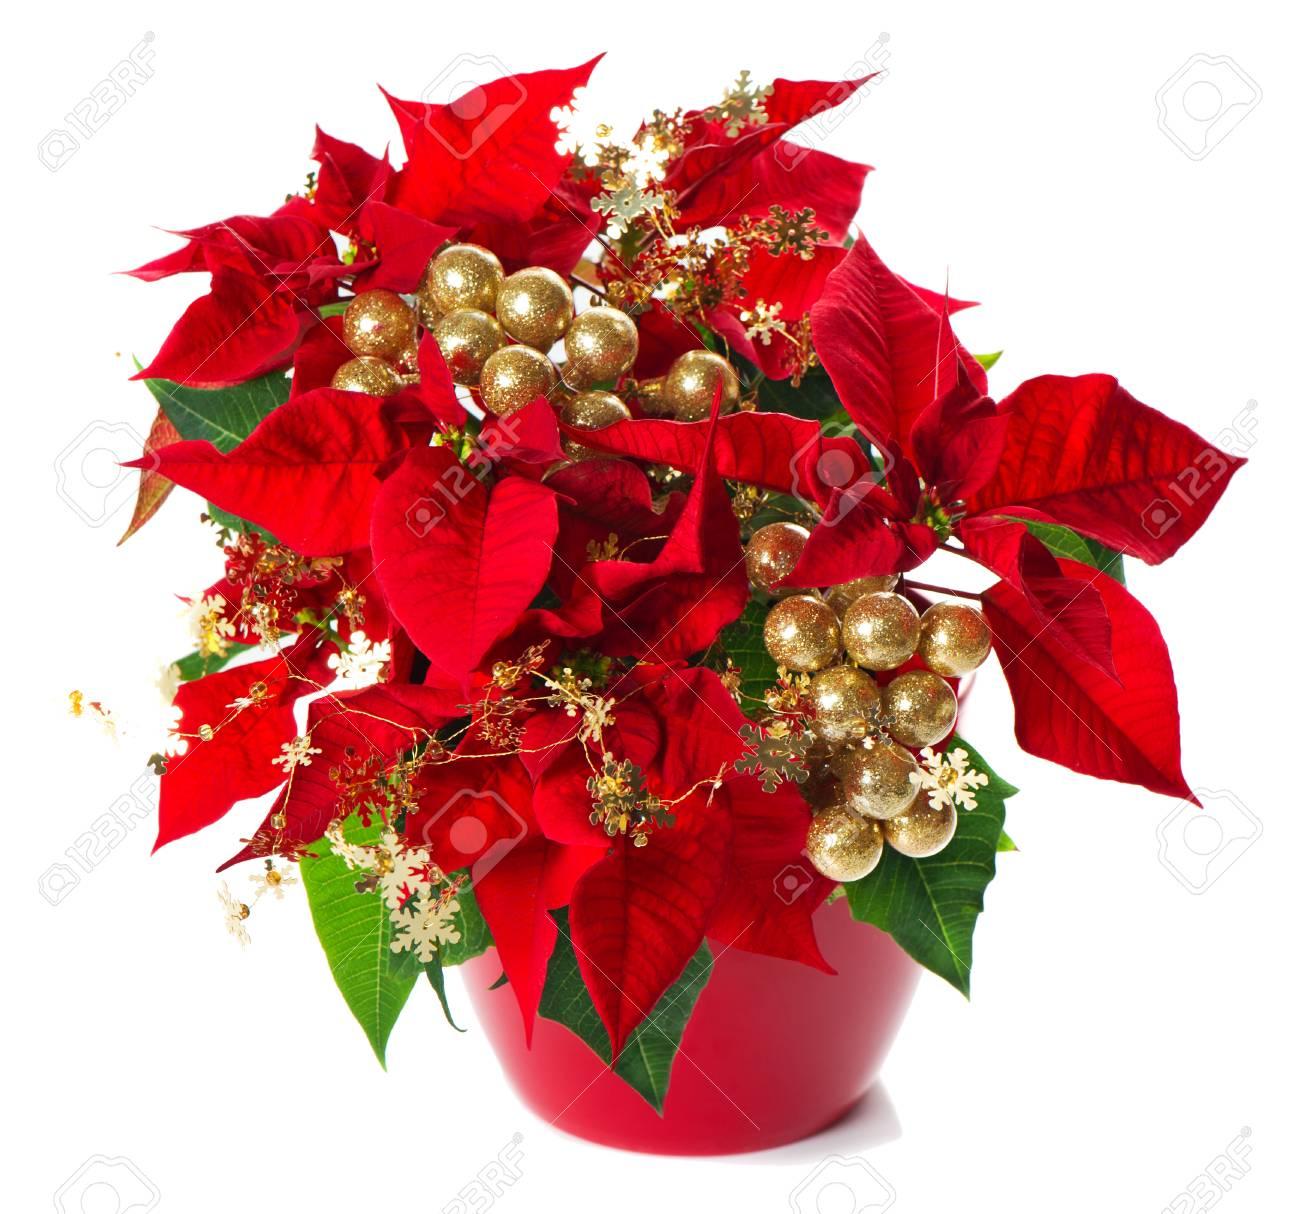 Immagini Di Fiori Di Natale.Poinsettia Rosso Fiore Di Natale Con Decorazioni D Oro Su Sfondo Bianco